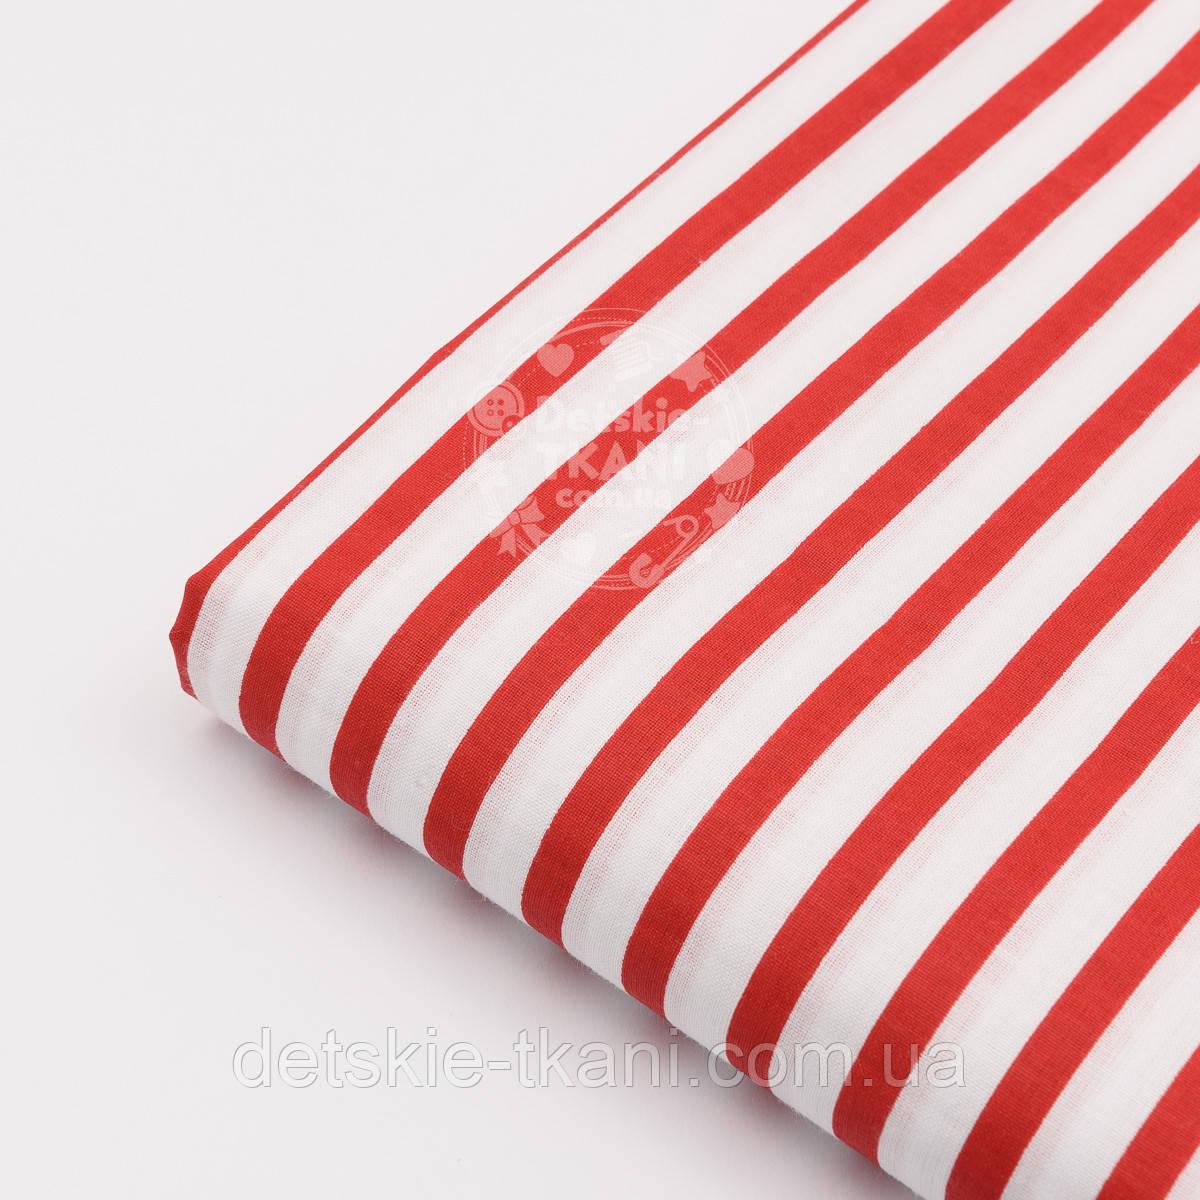 Лоскут ткани №136 бязь с крупной красной полоской